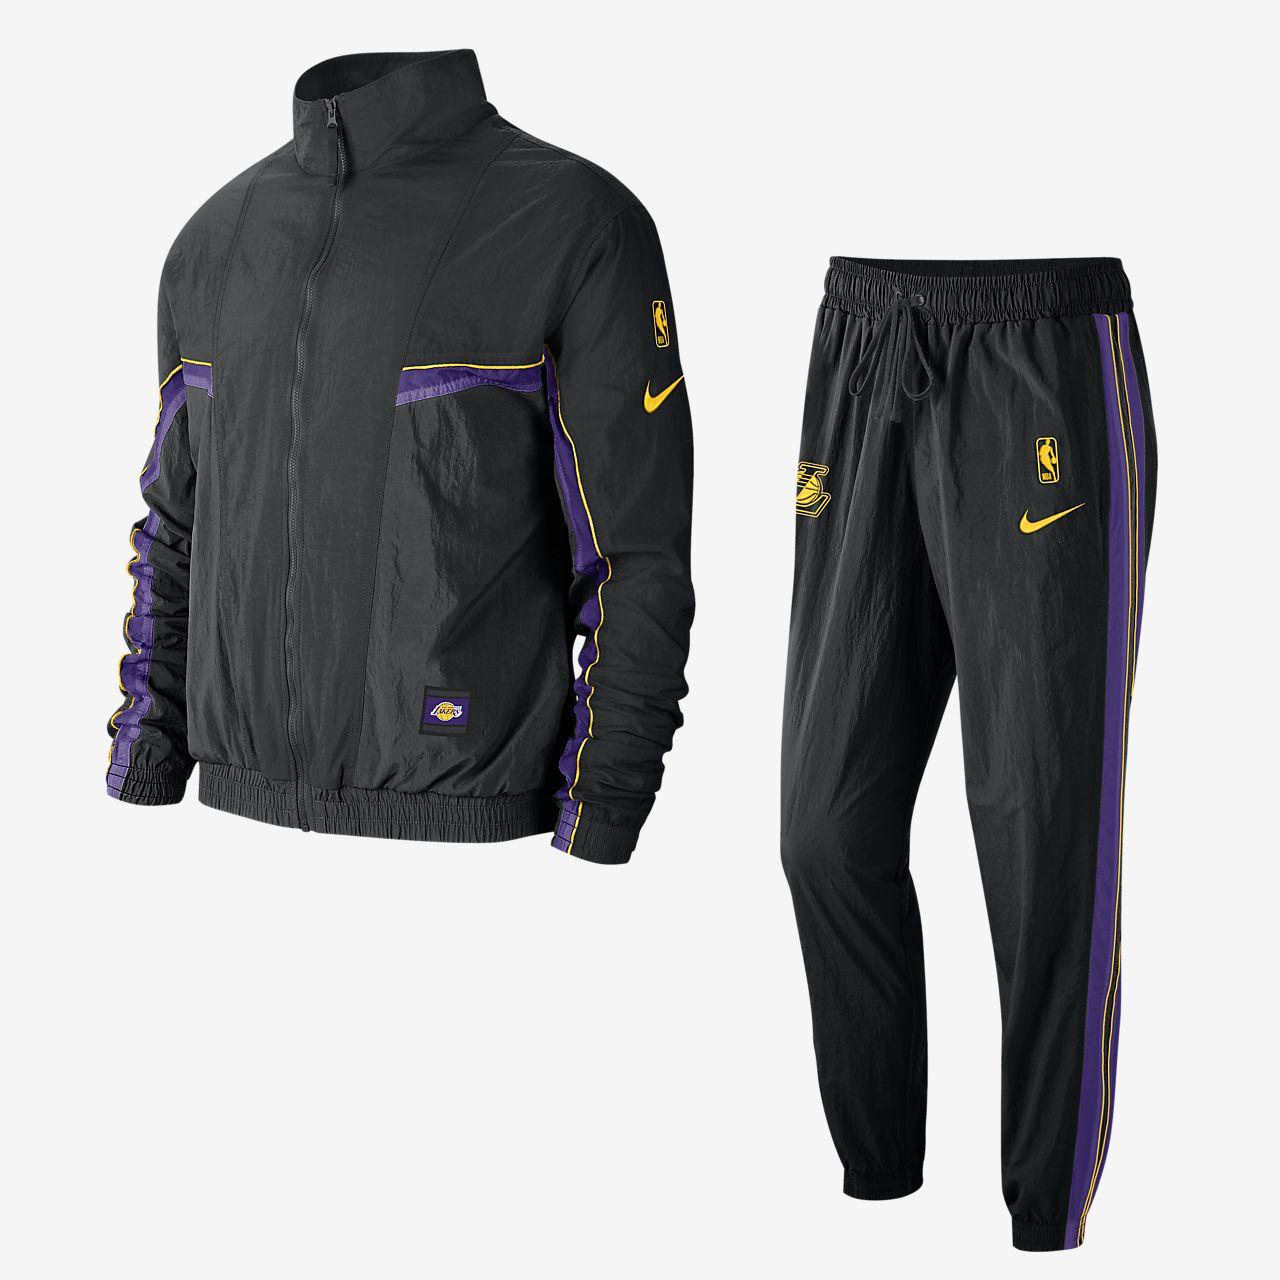 ロサンゼルス レイカーズ コートサイド メンズ ナイキ NBA トラックスーツ